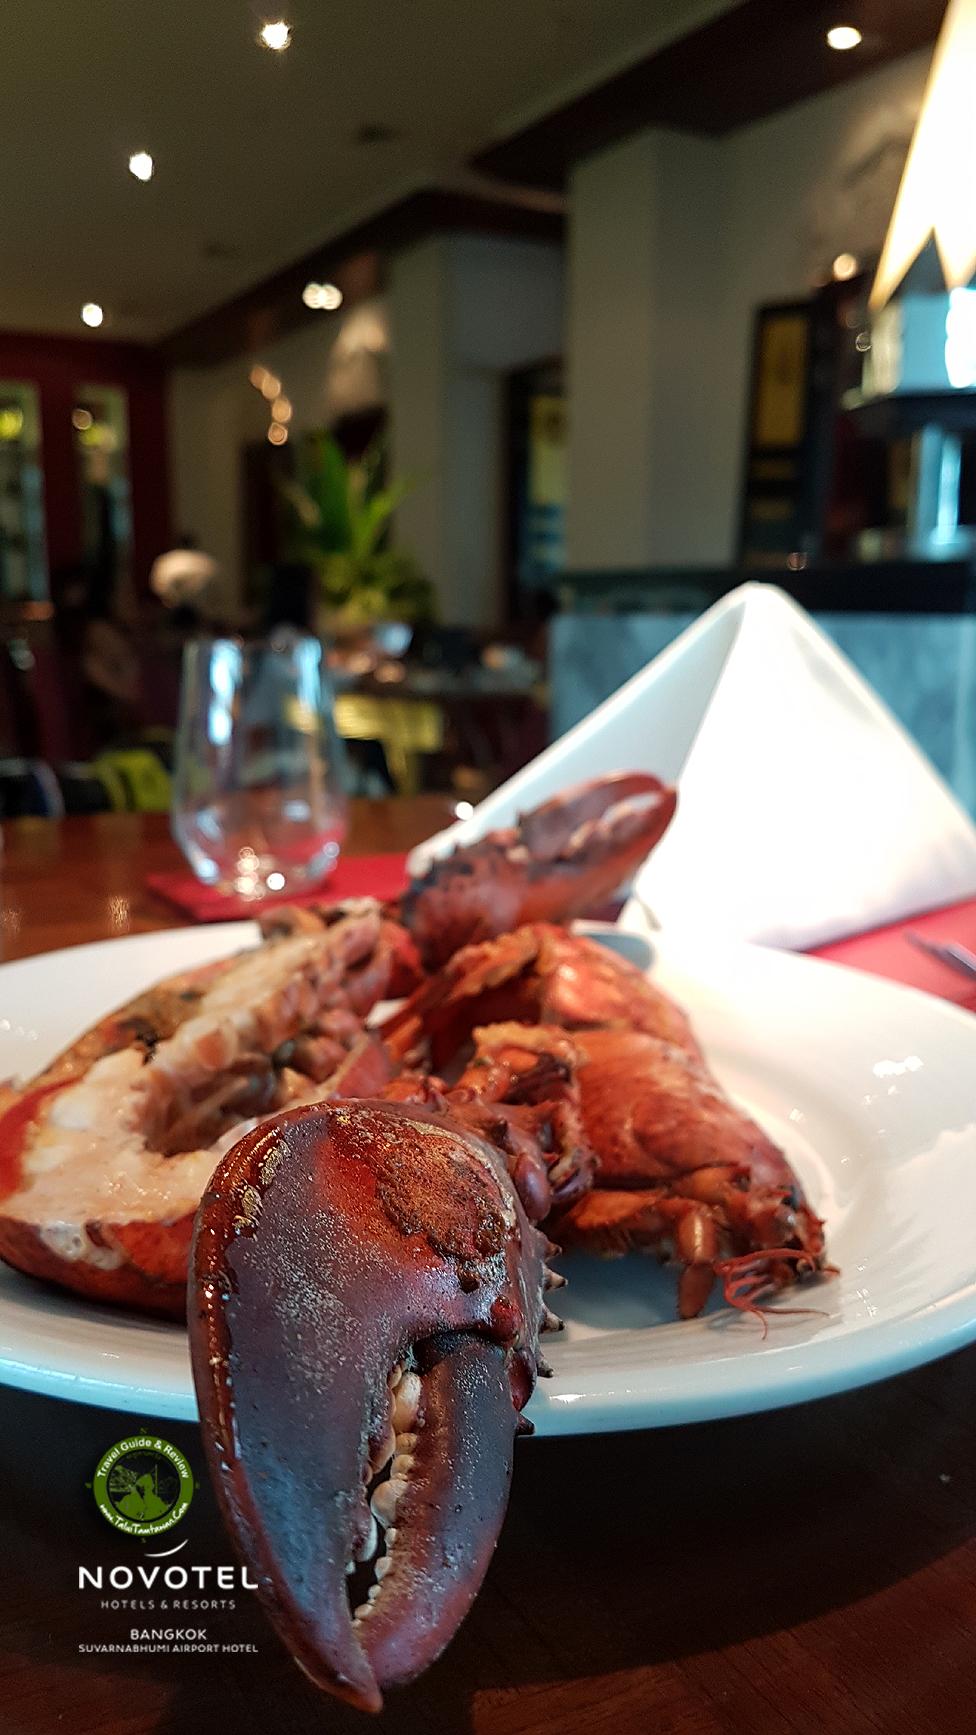 Lobster อีก 1 เมนู ที่น่าสนใจ ครับ